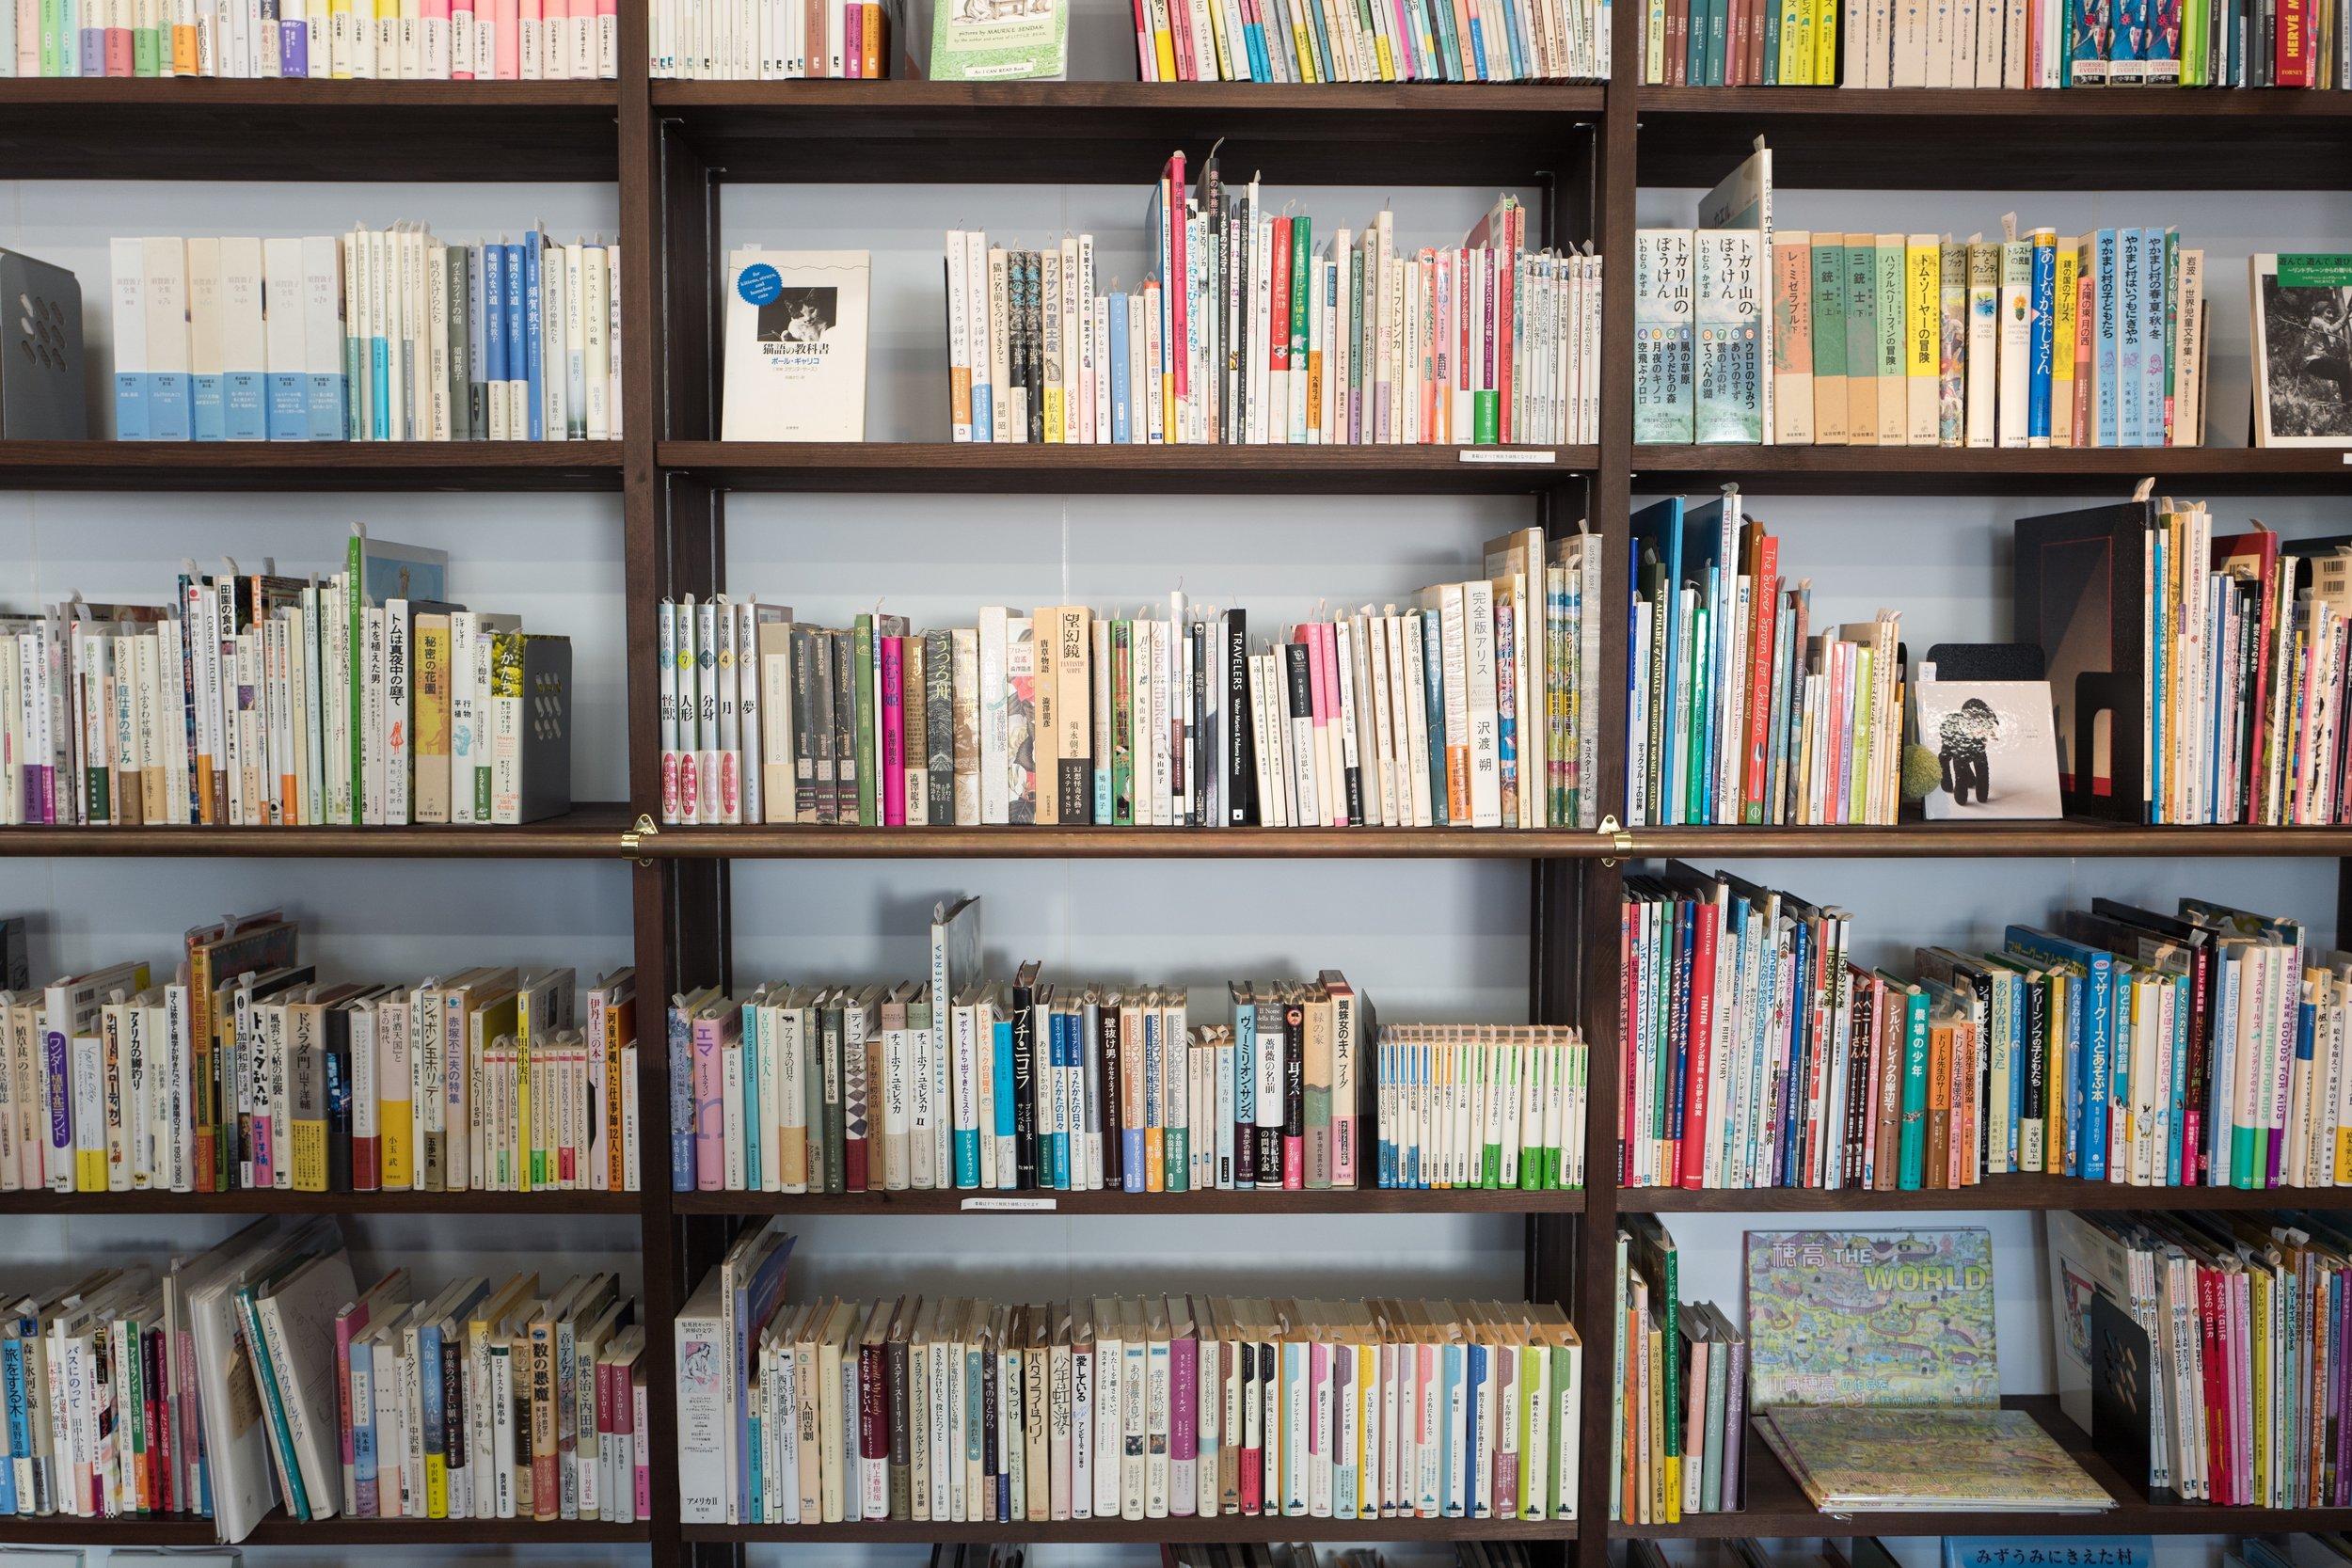 unsplash - books -kazuend-71543.jpg